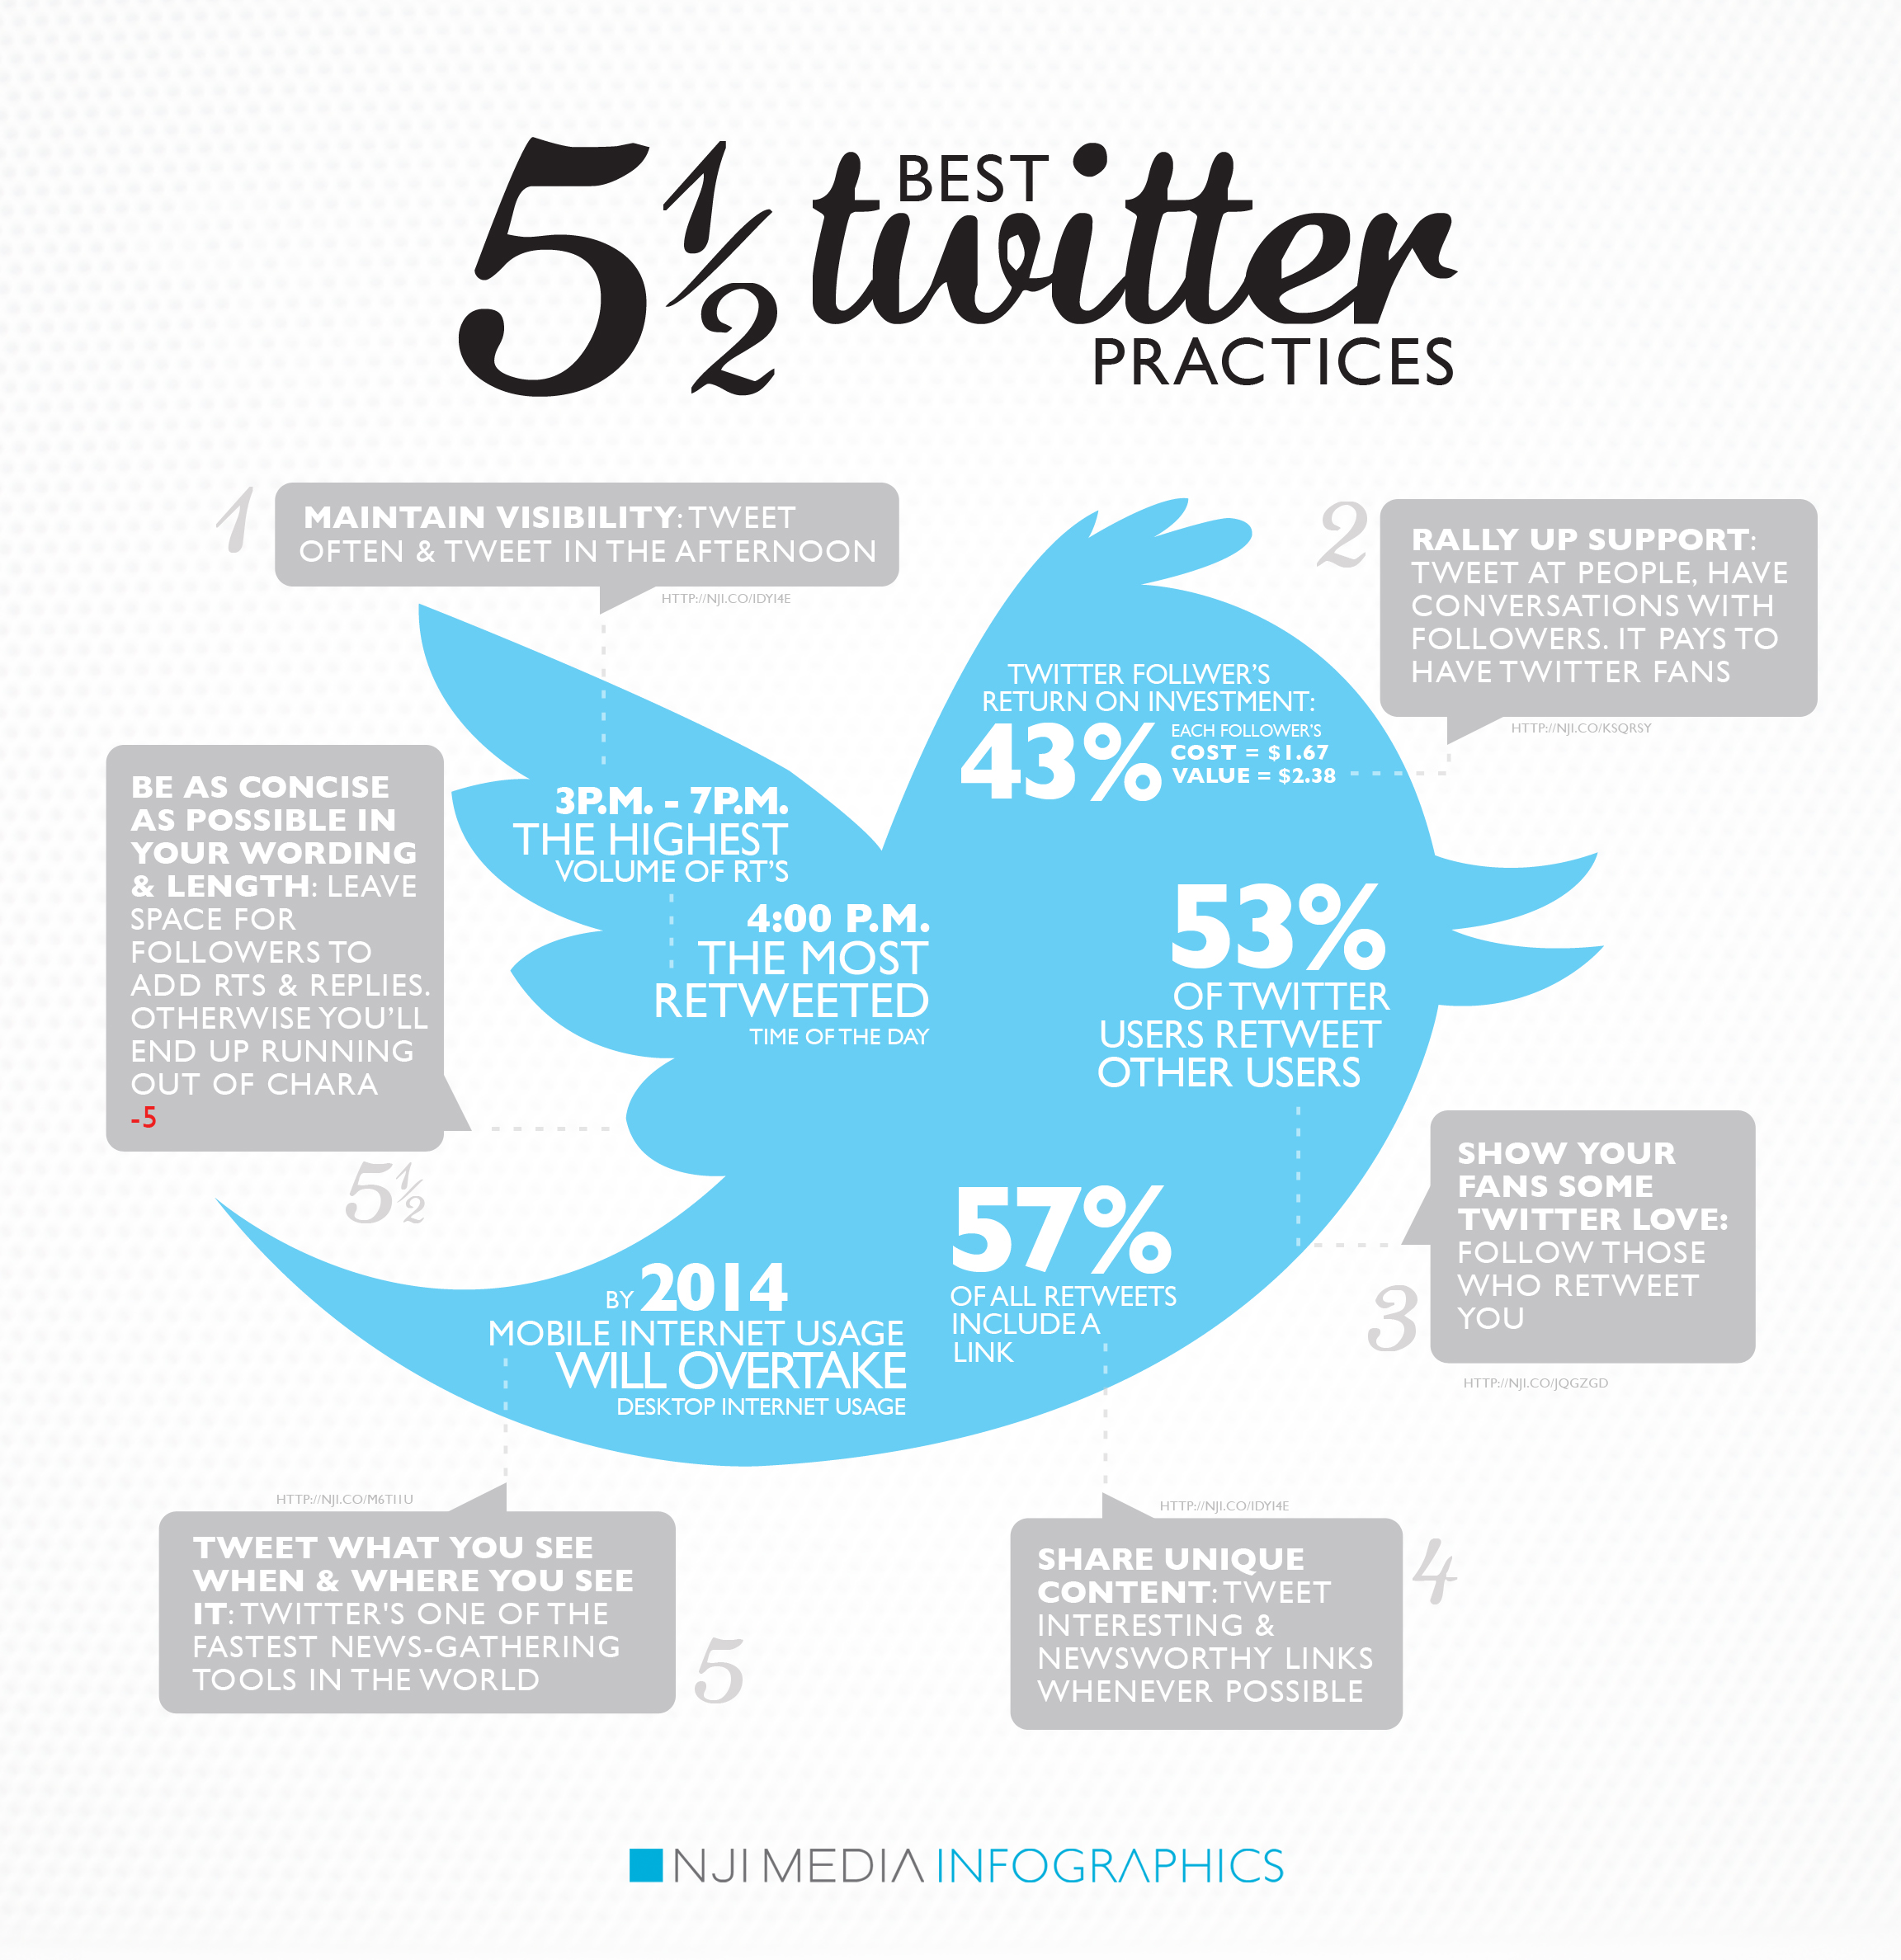 512 Best Twitter Practices